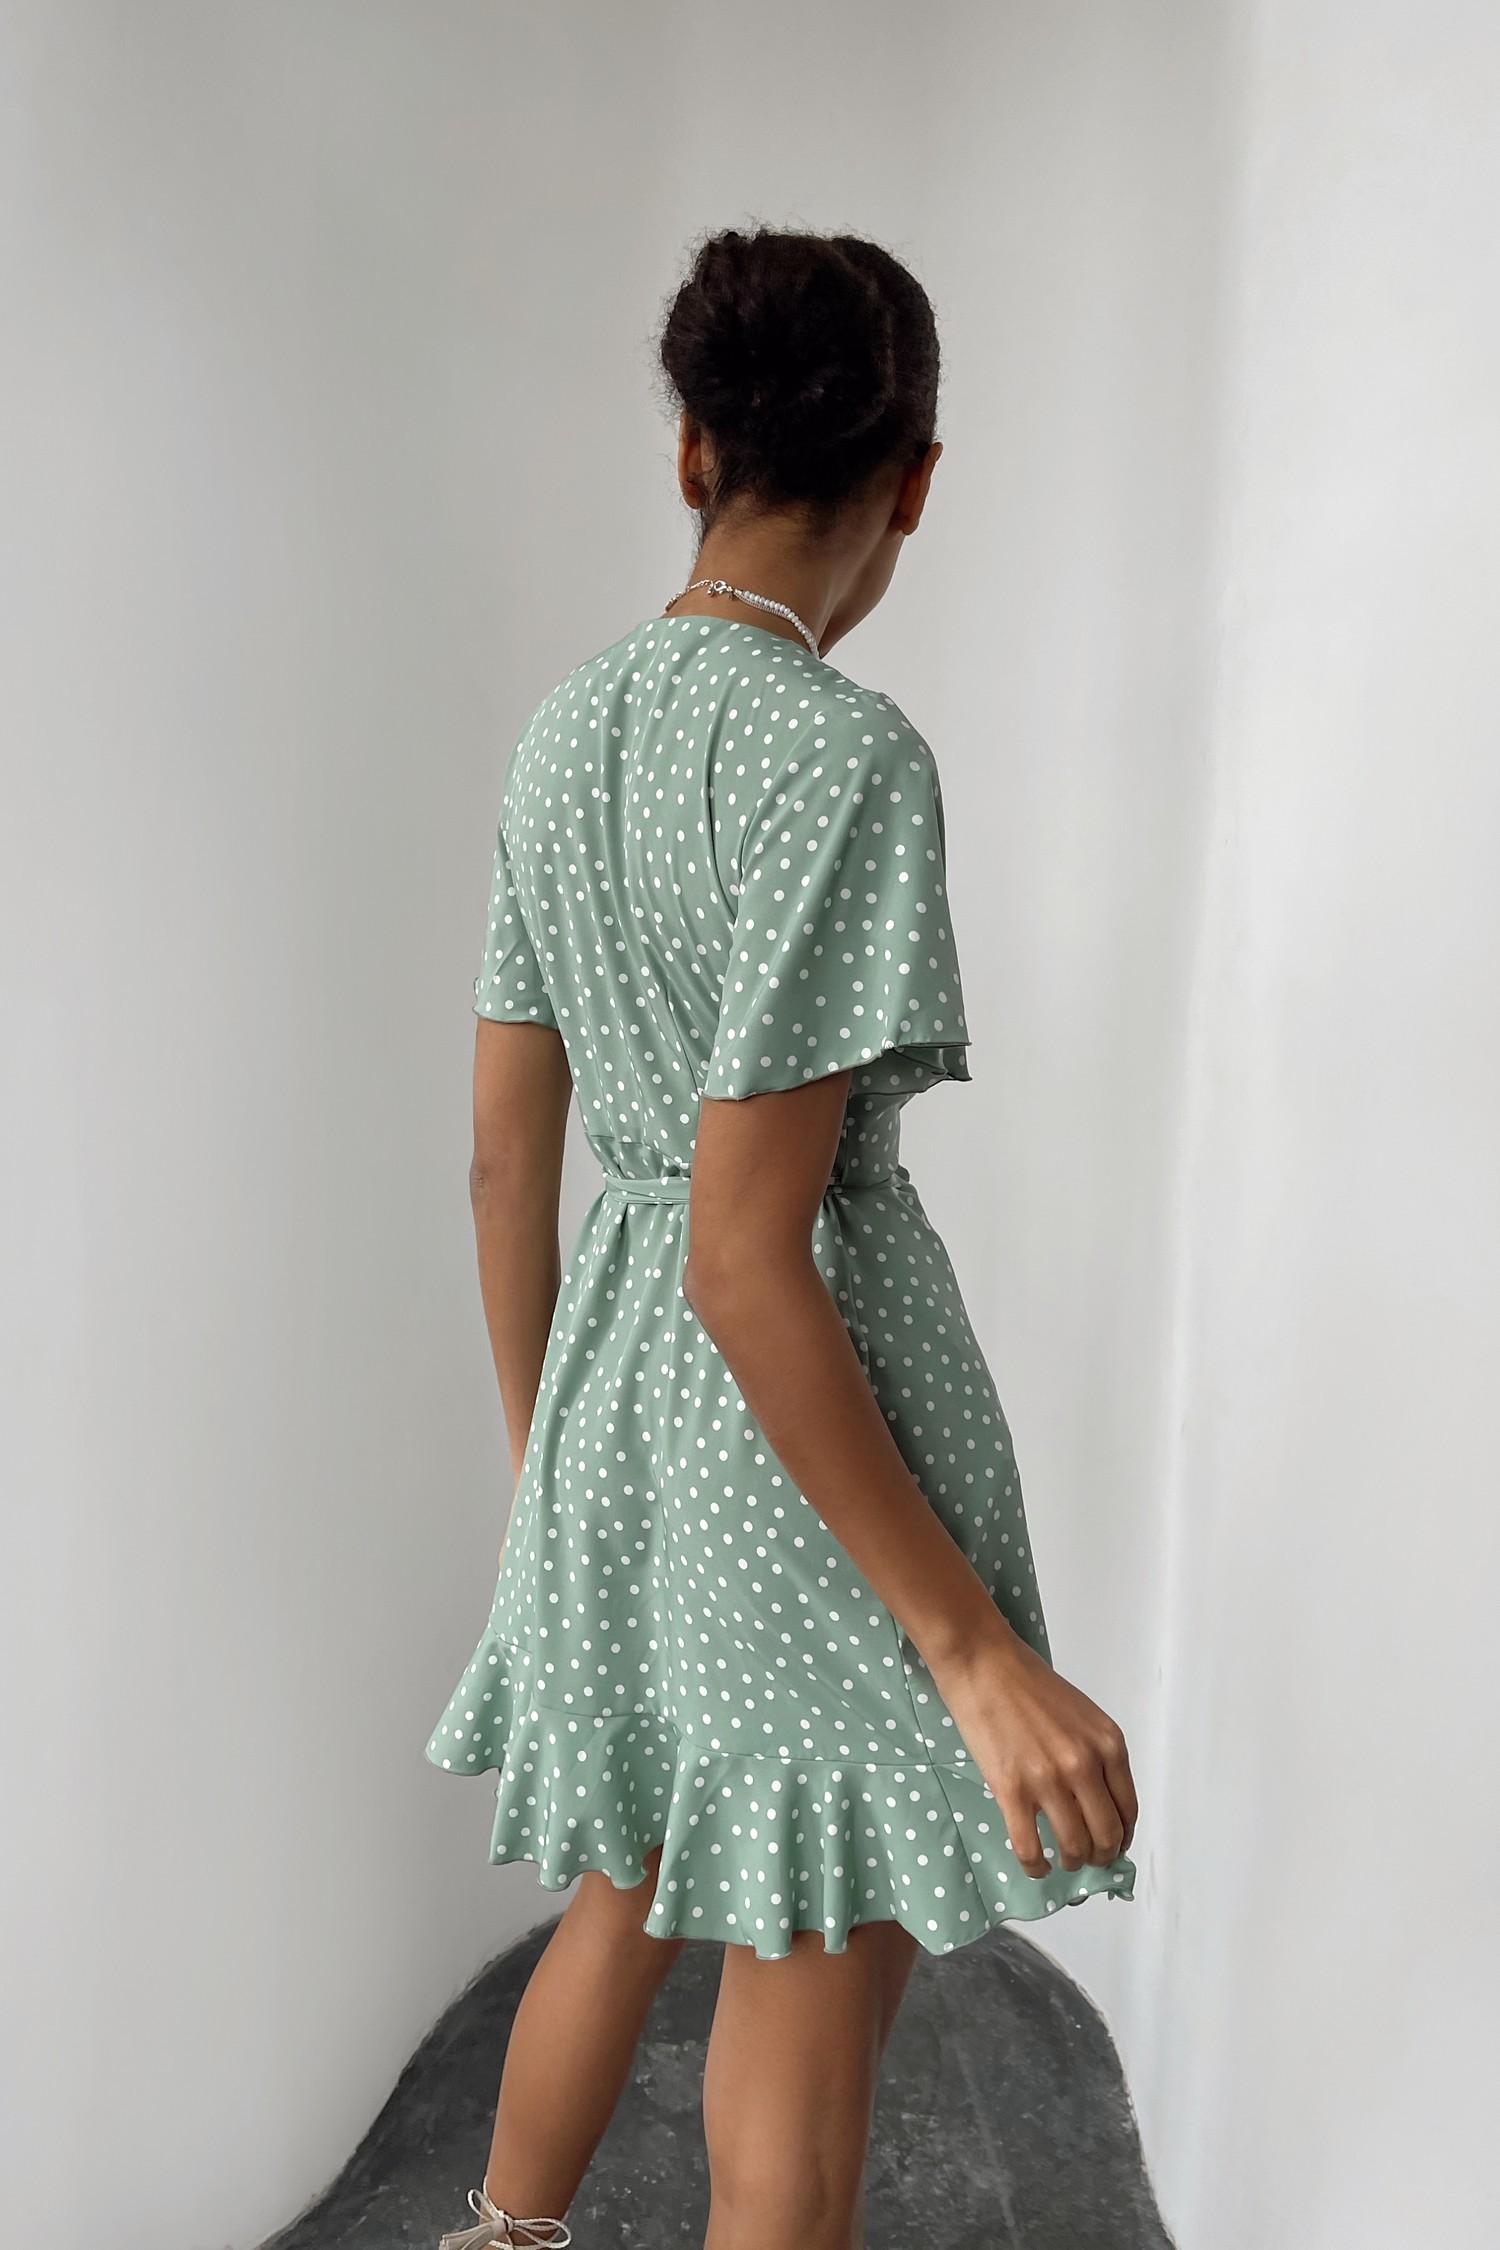 Фисташковое платье мини в горох - THE LACE